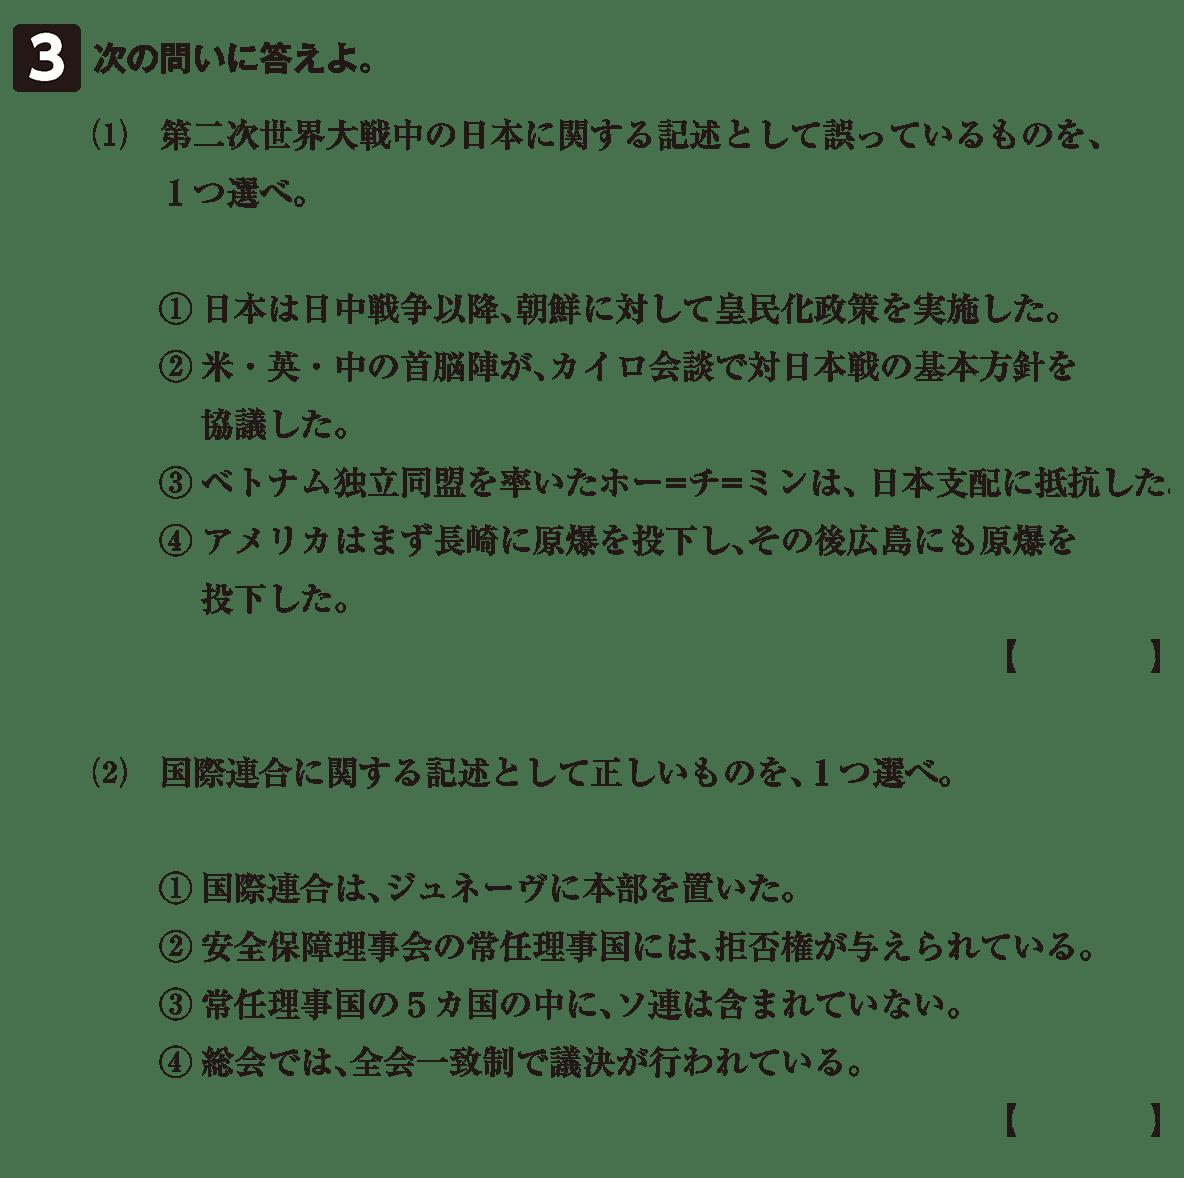 第二次世界大戦と戦後秩序7 確認テスト(後半)